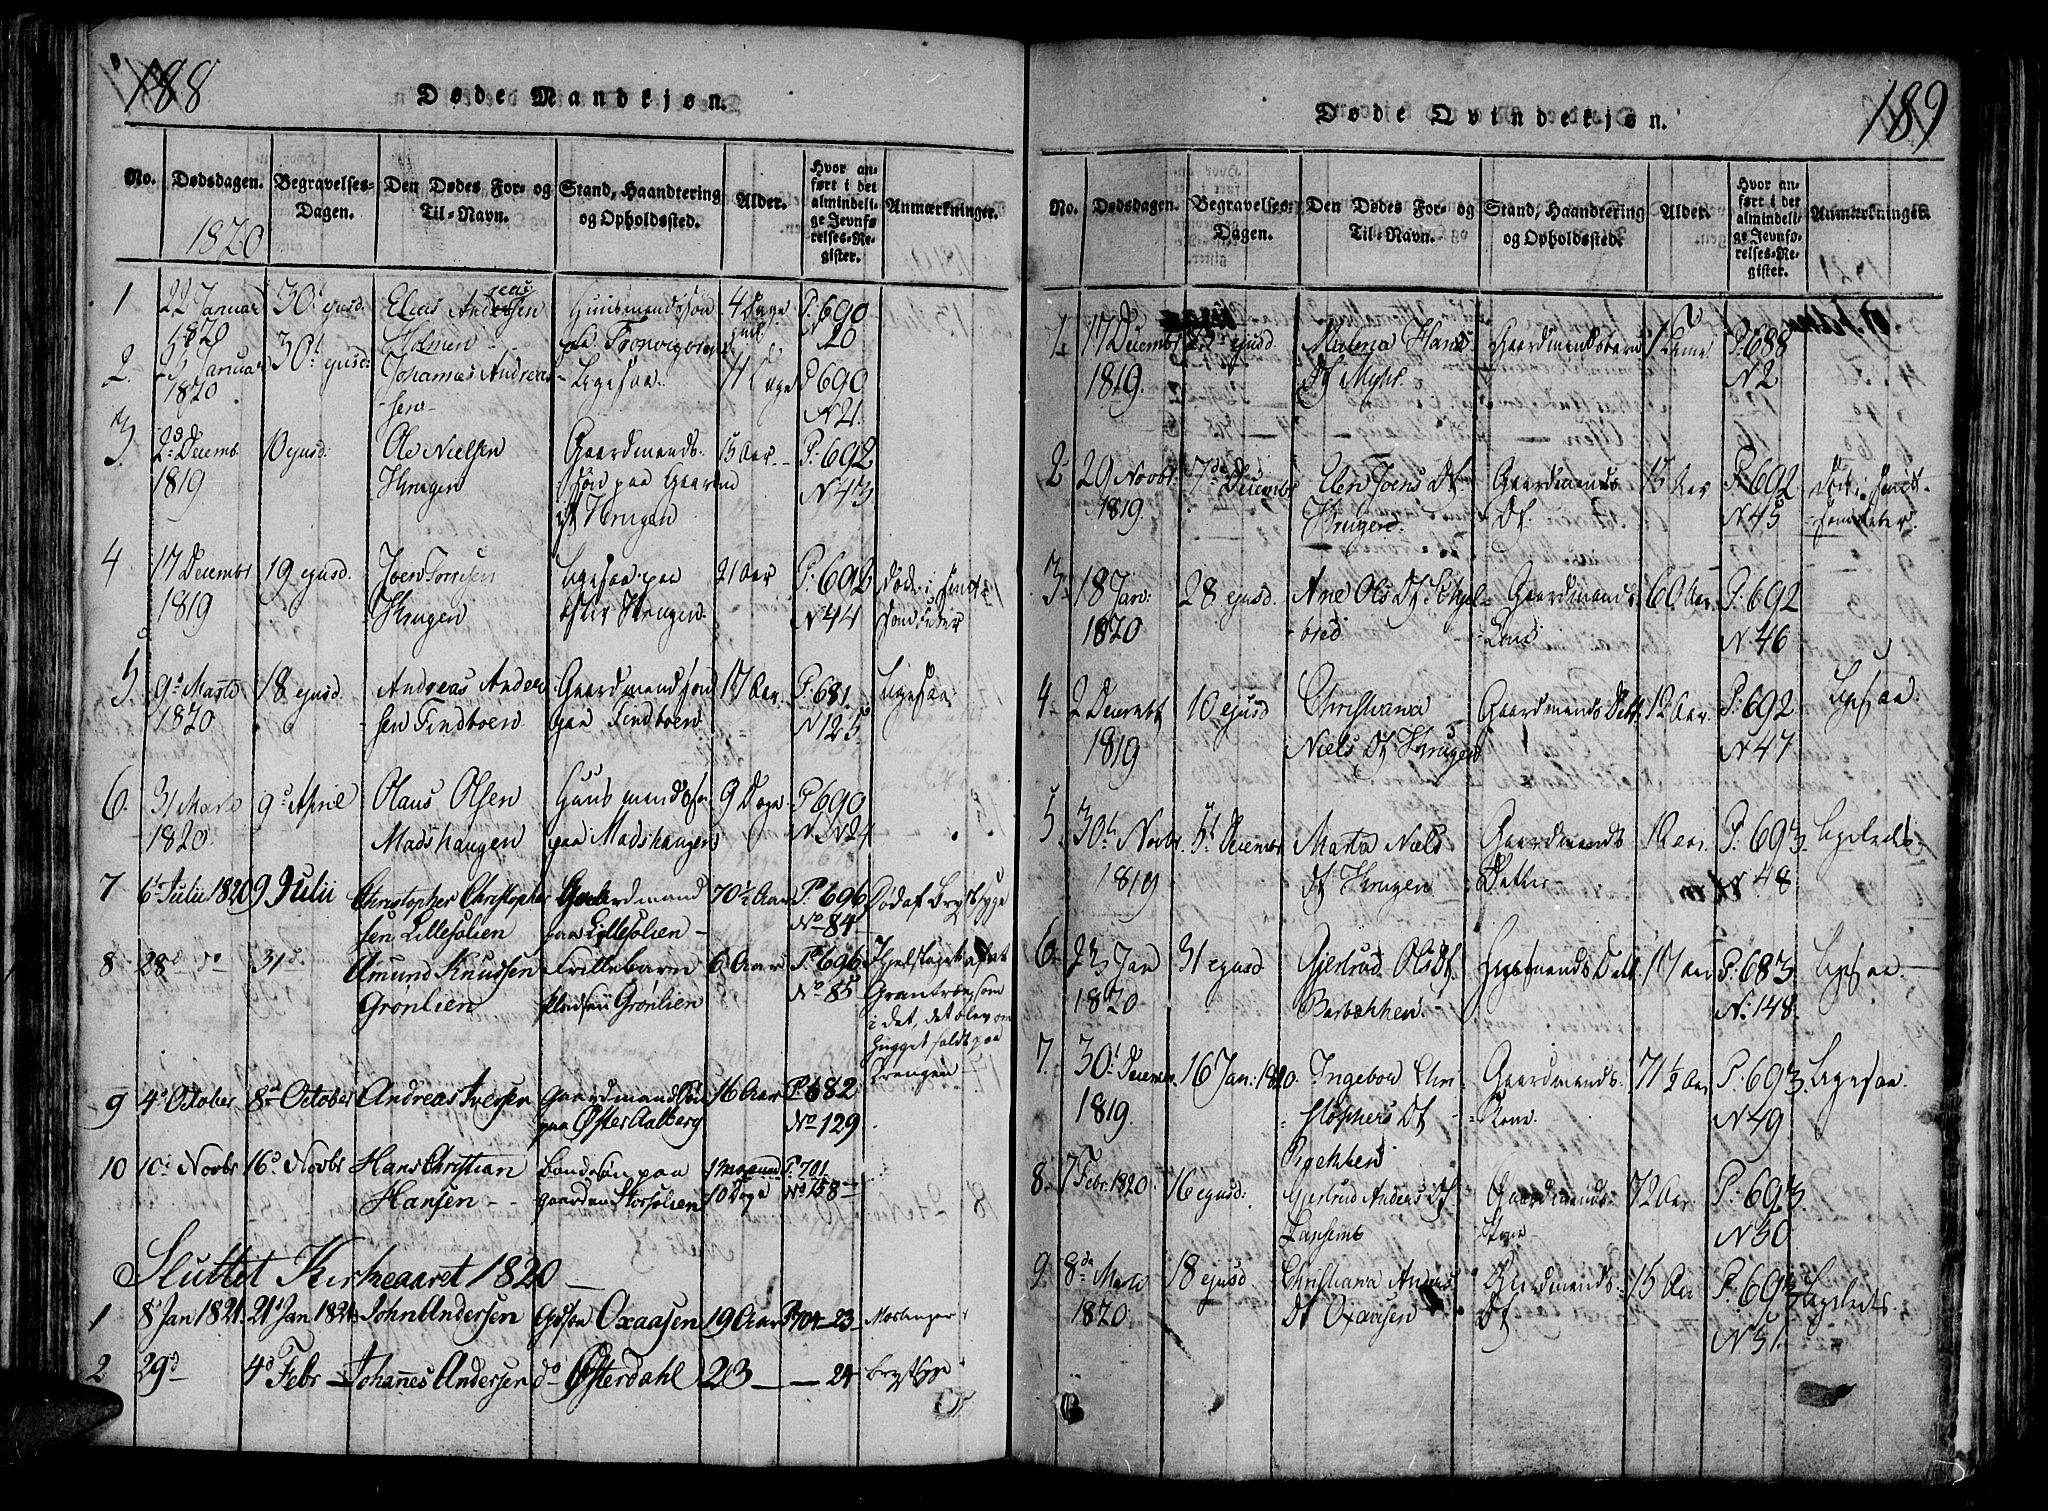 SAT, Ministerialprotokoller, klokkerbøker og fødselsregistre - Nord-Trøndelag, 701/L0005: Ministerialbok nr. 701A05 /1, 1816-1825, s. 188-189